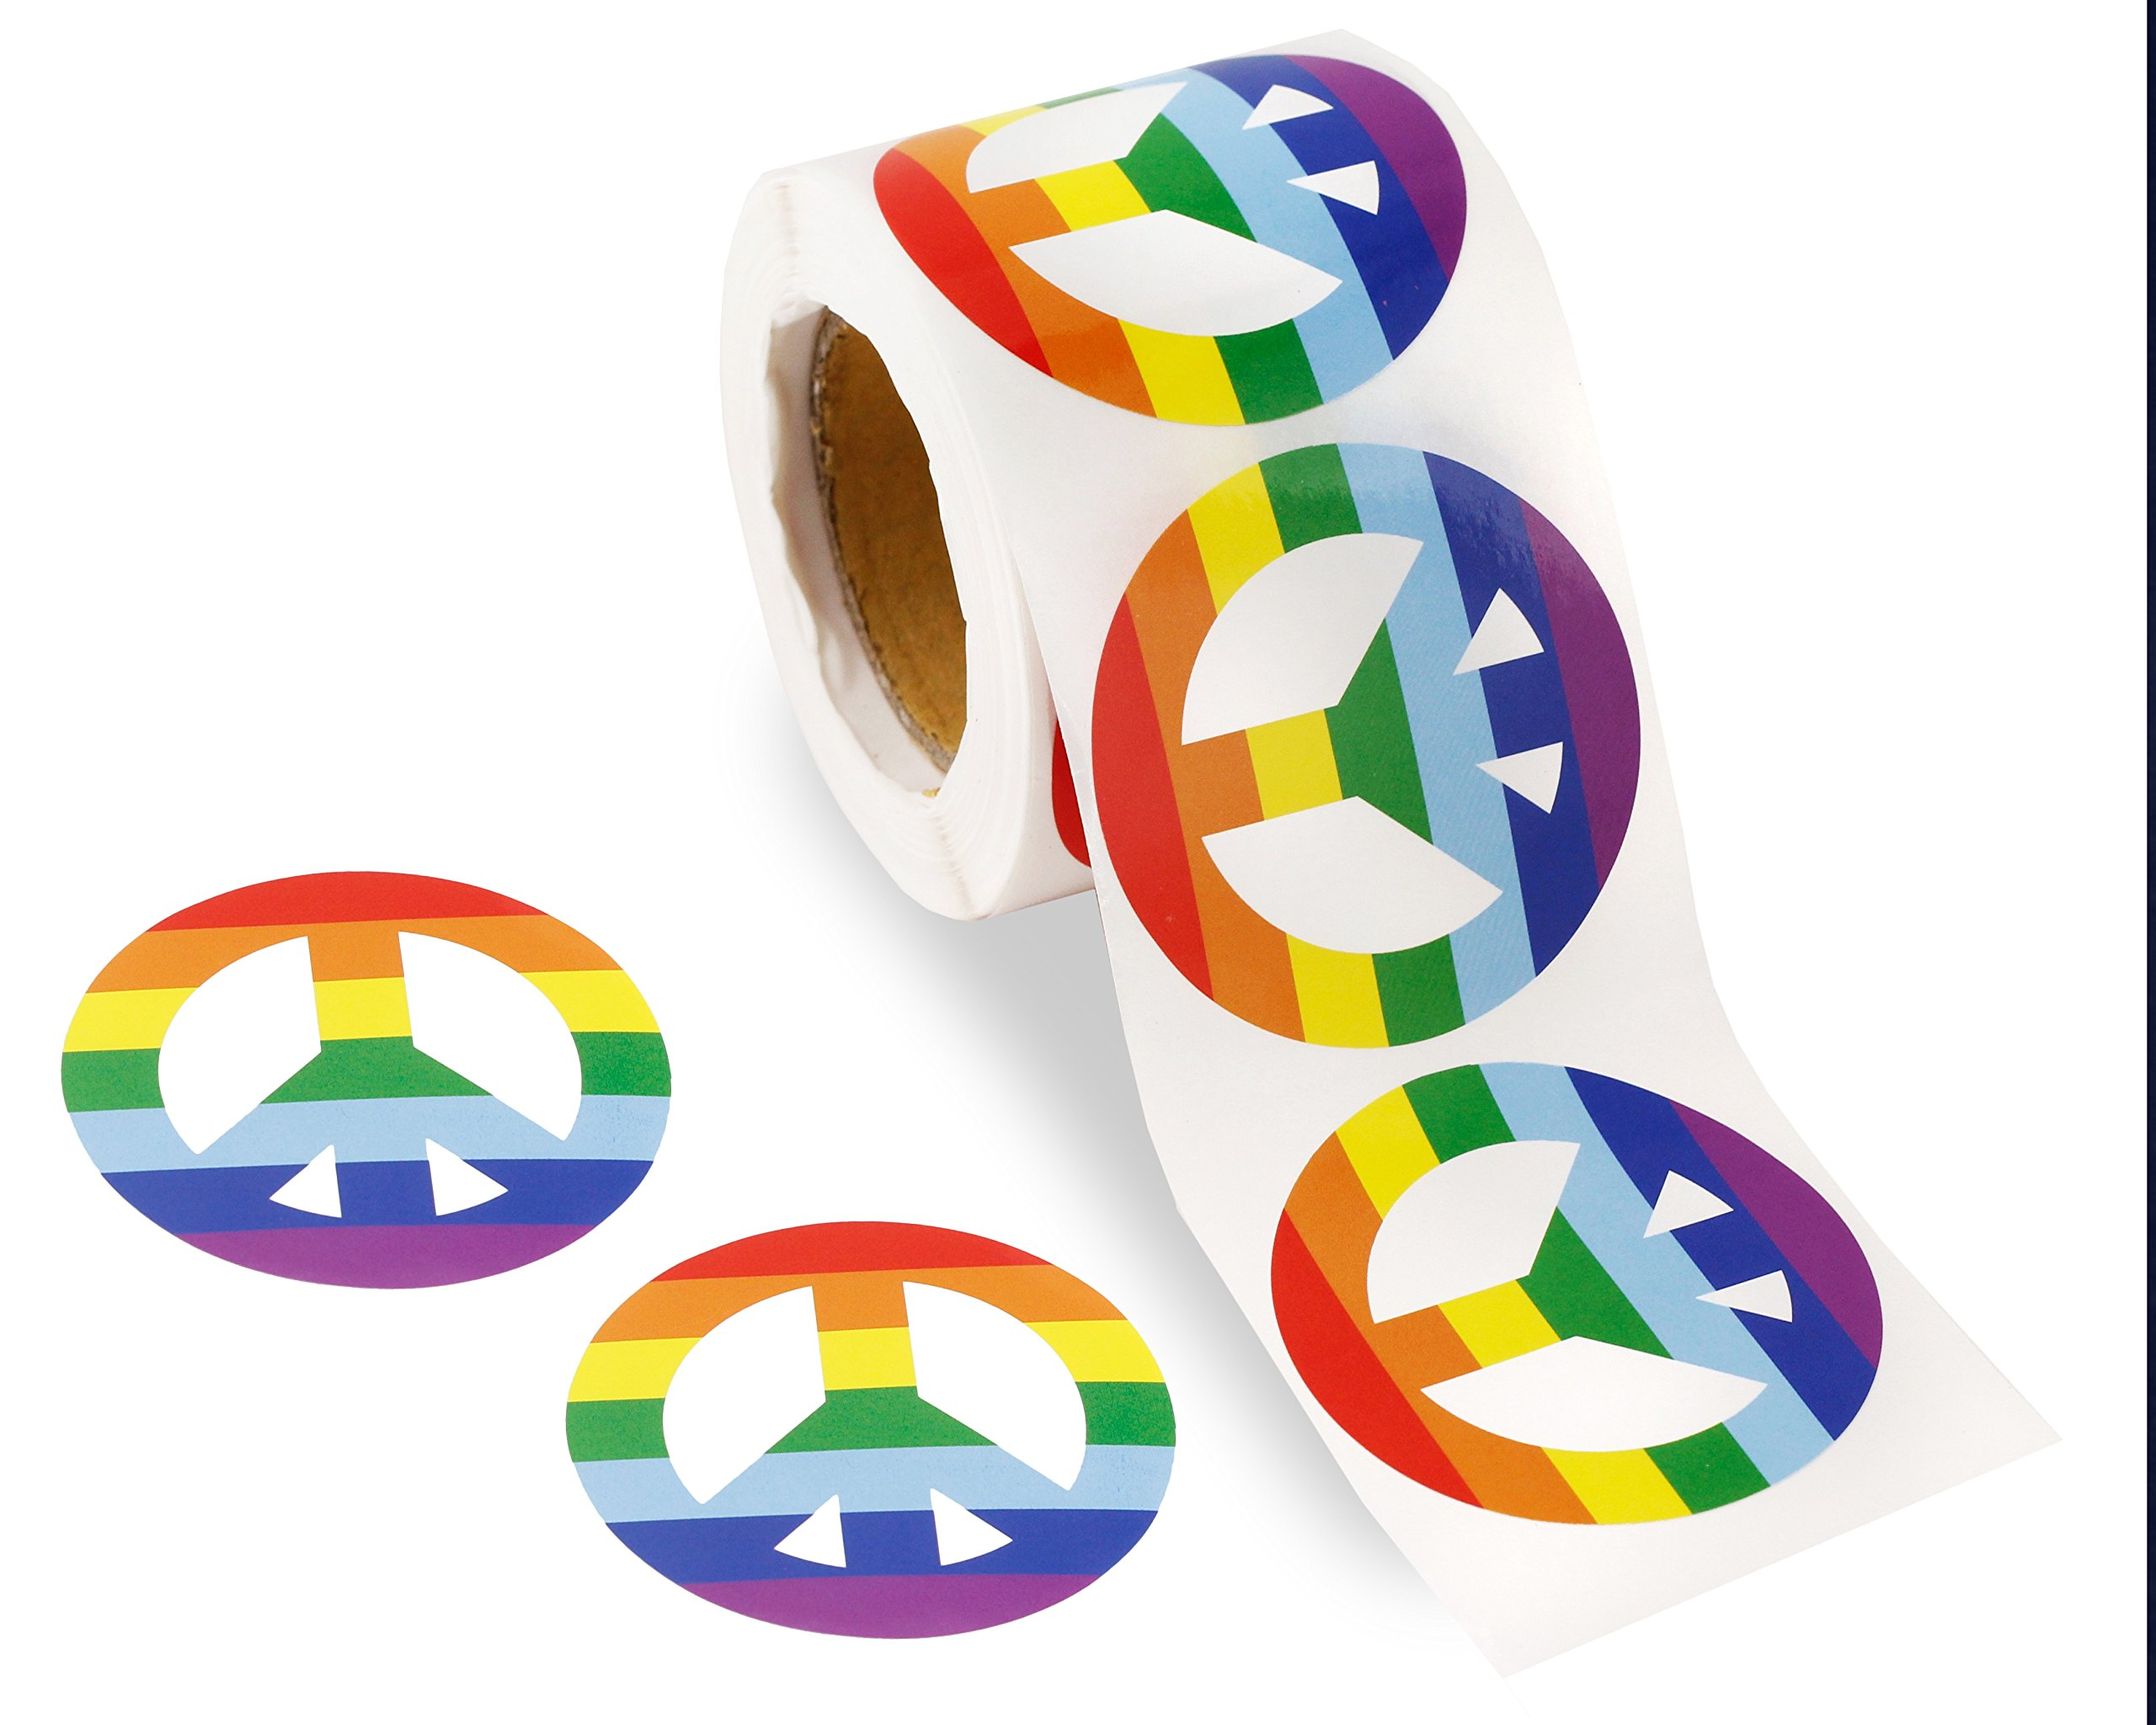 Stickers Calcos 250 un. LGBT Origen U.S.A. (799PQGVH)